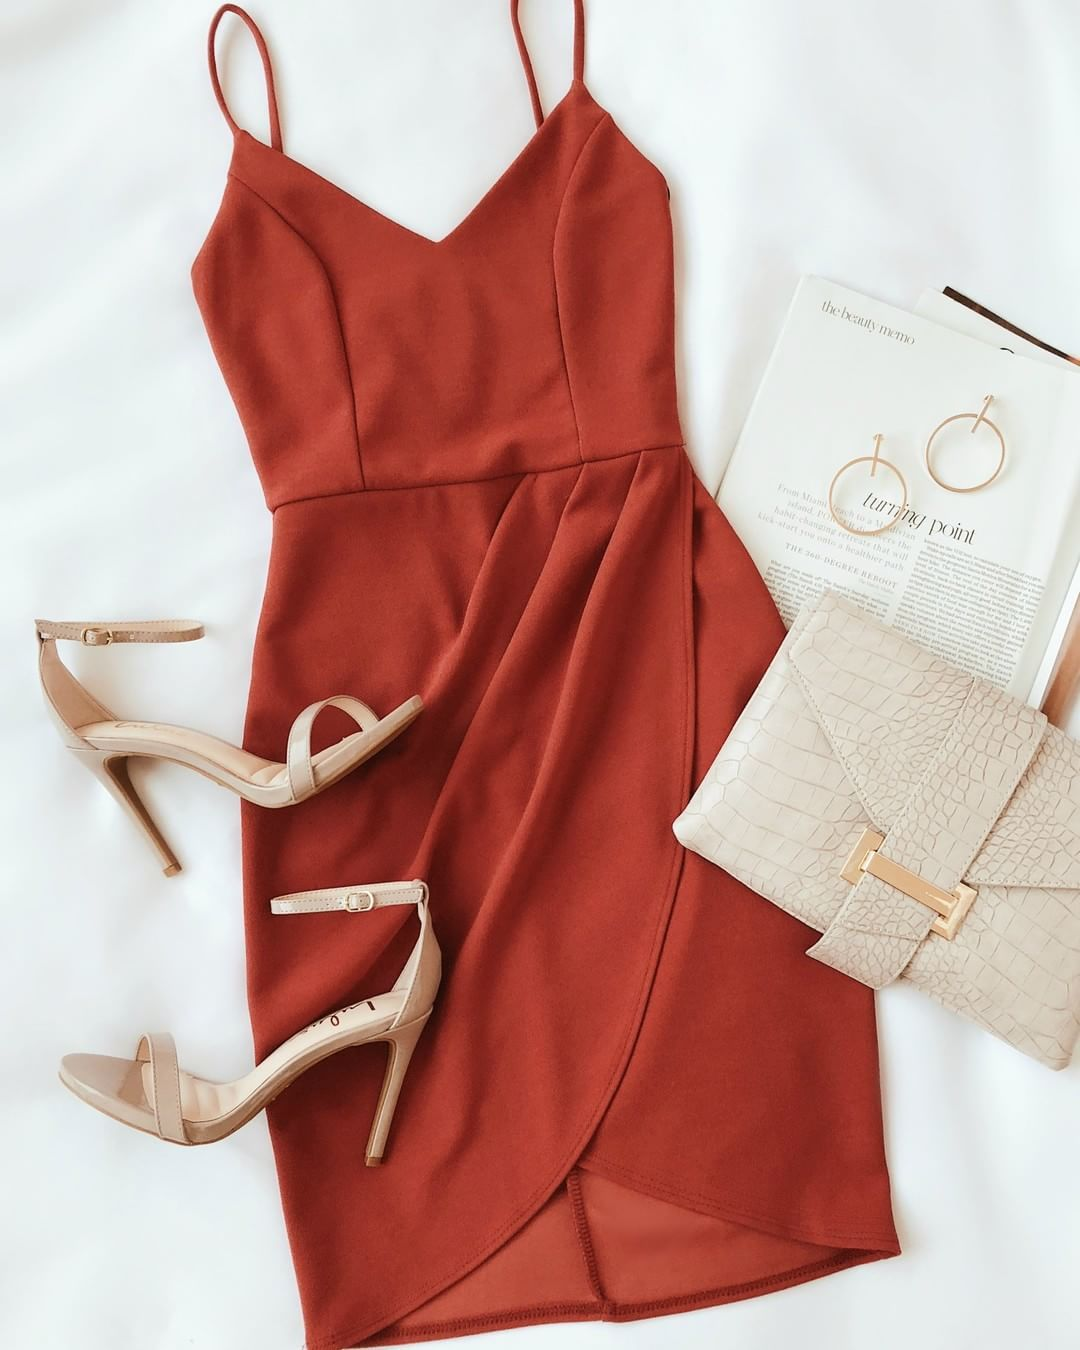 Rust Colored Dress Would Wear This With A Moto Jacket For Fall Lovelulus Shop Link In Bio Vestiti Colorati Vestiti Stili Di Abbigliamento